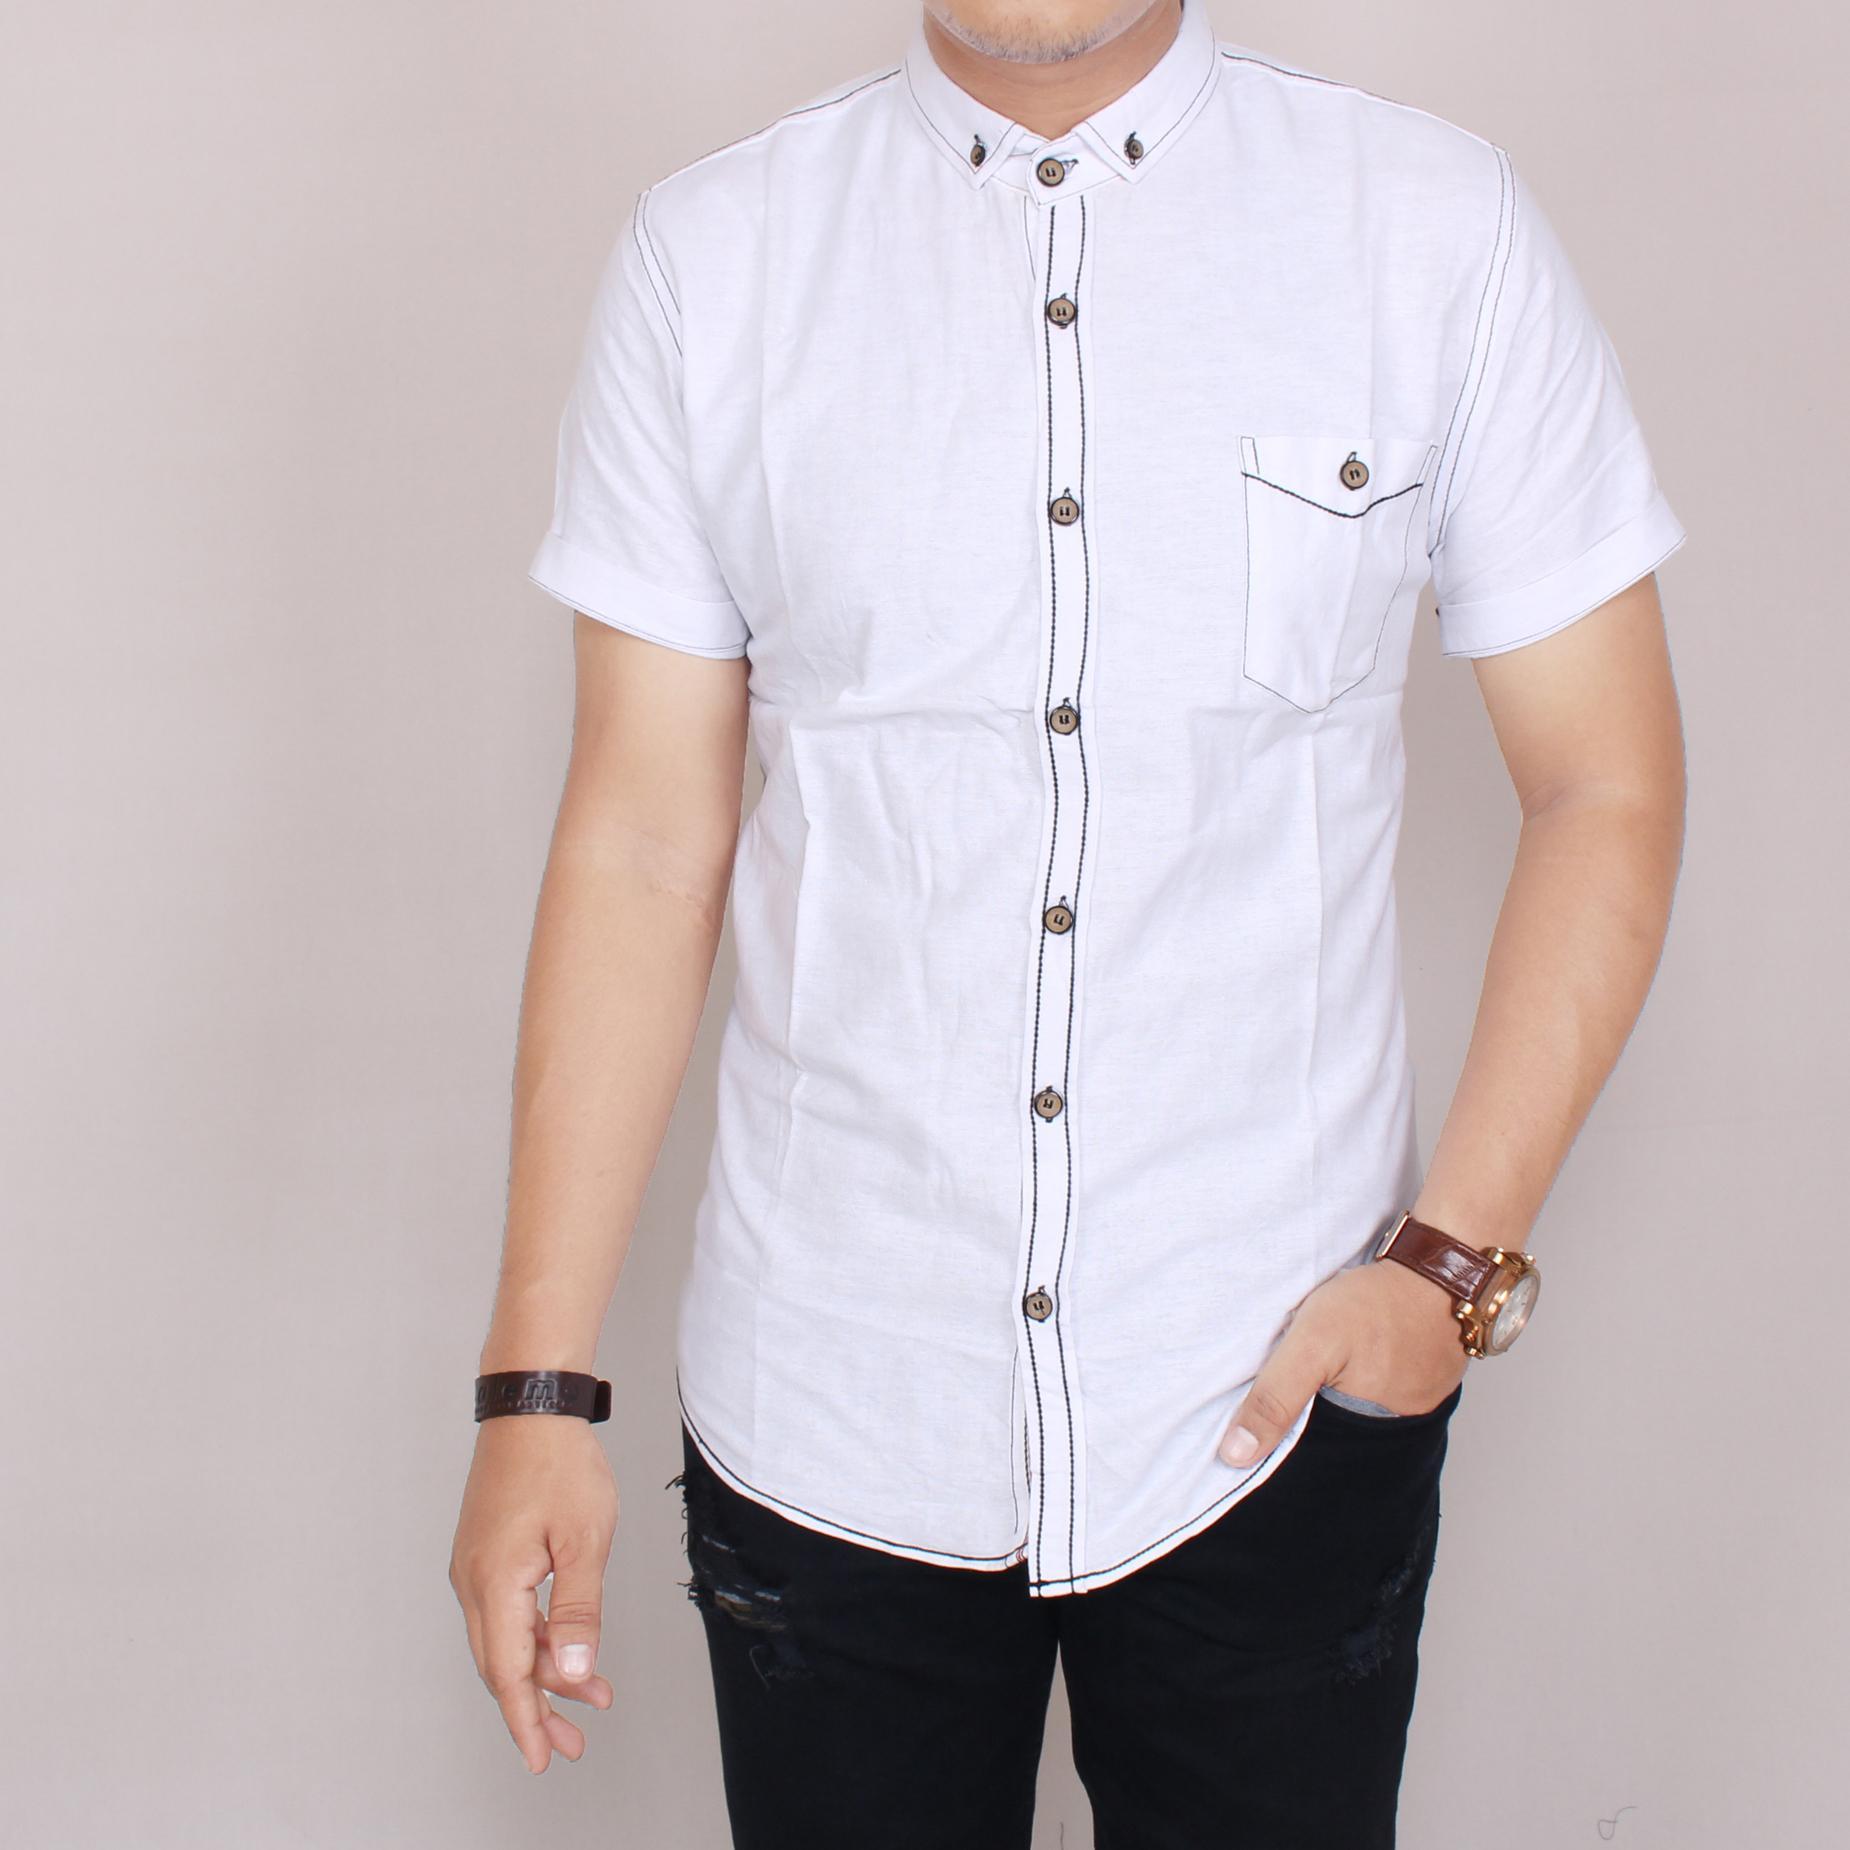 Zoeystore 5852 Kemeja Polos Motif Salur Pria Lengan Pendek Exclusive Baju Kemeja Polos Cowok Kerja Kantoran Formal Kemeja Import Putih